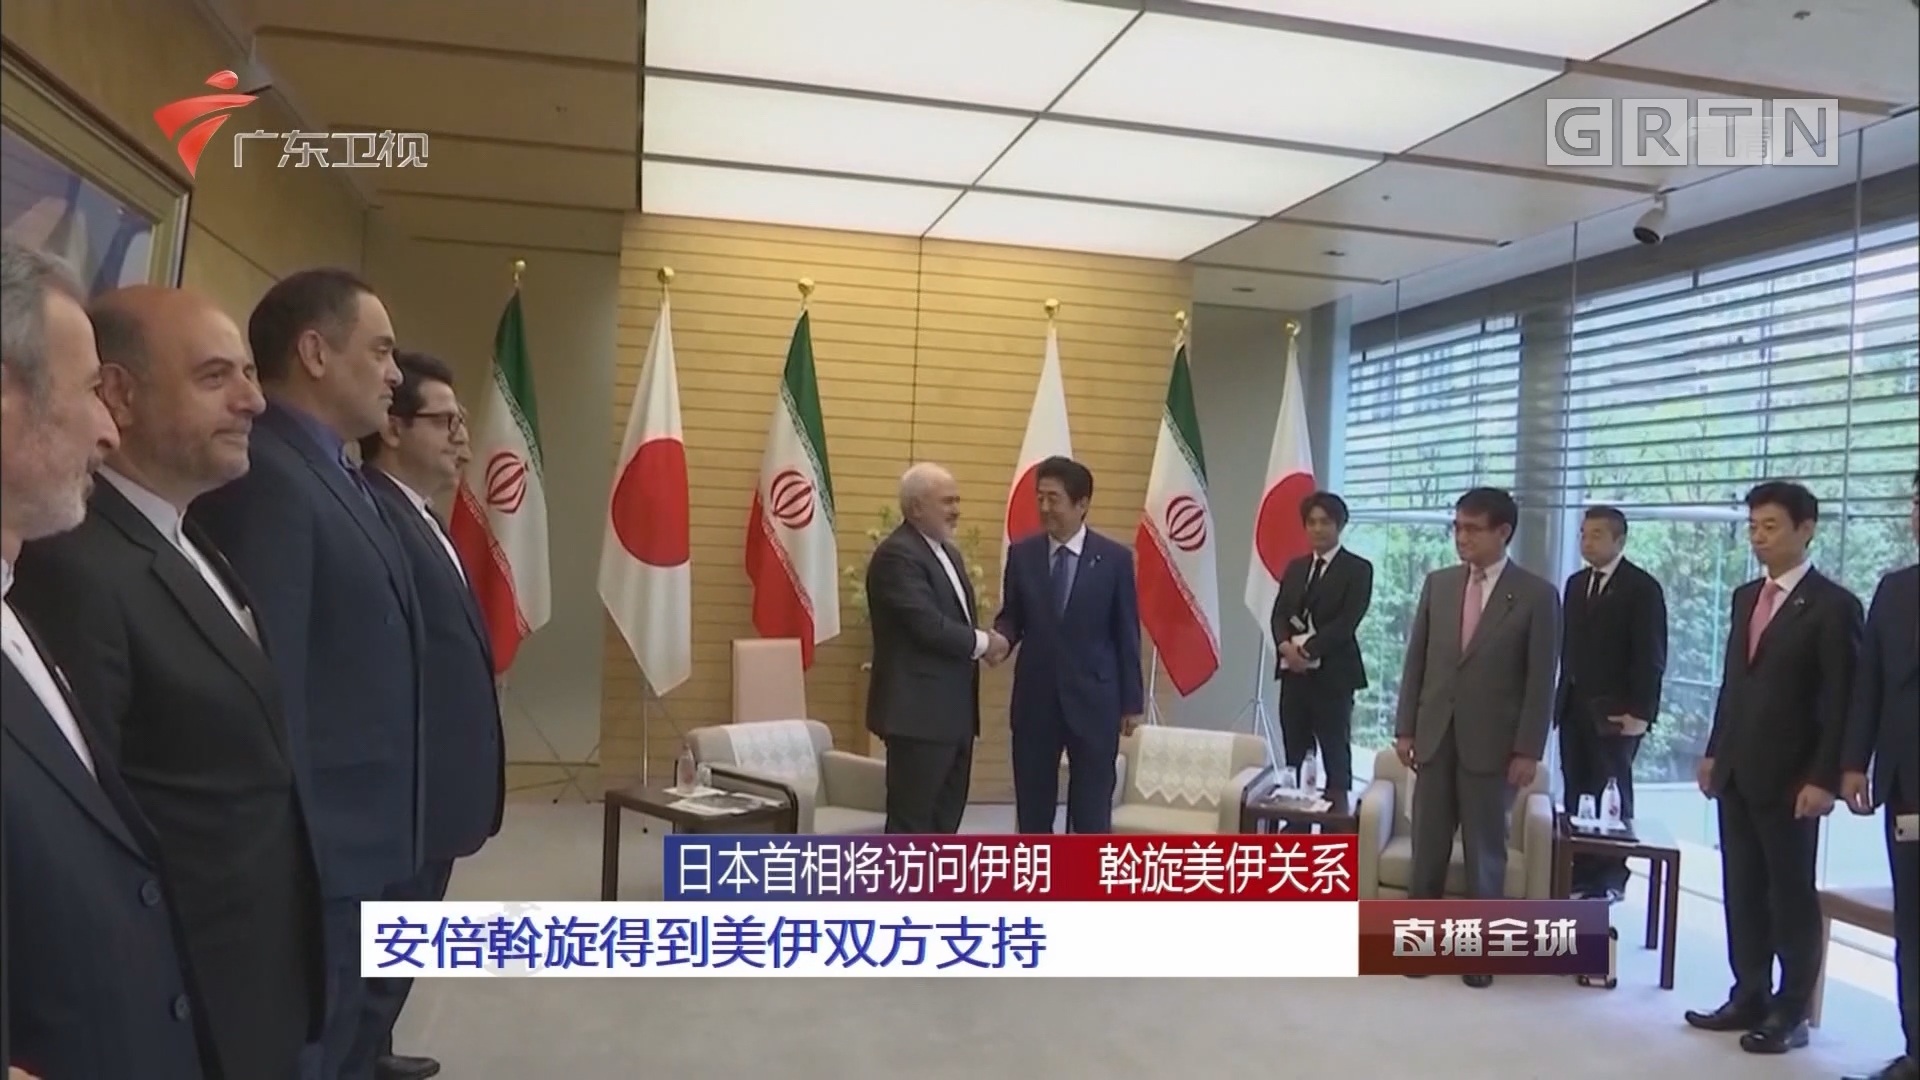 日本首相将访问伊朗 斡旋美伊关系:安倍斡旋得到美伊双方支持